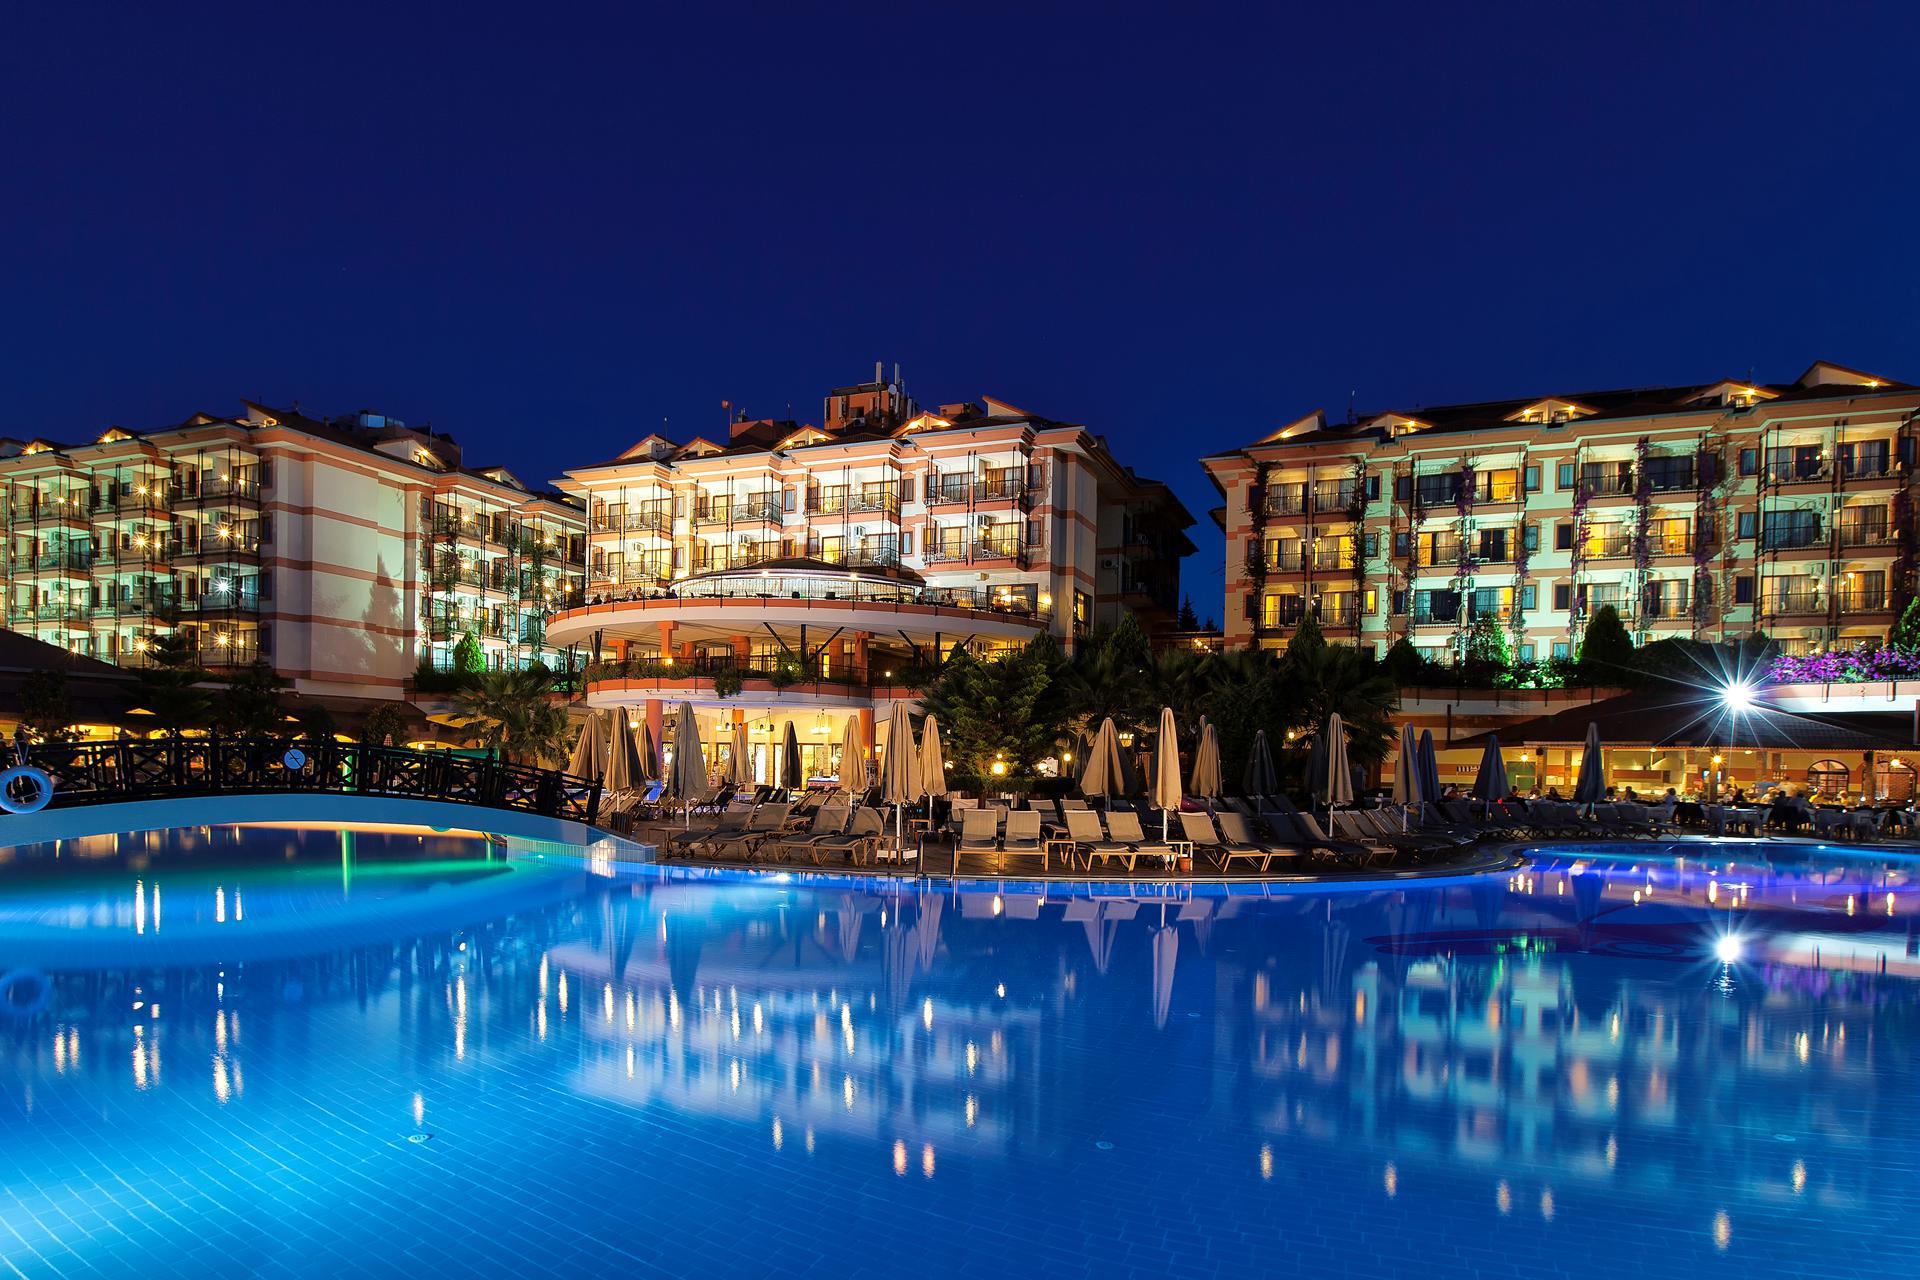 Hotel Adalya Art Side Turkische Riviera Turkei Sunweb